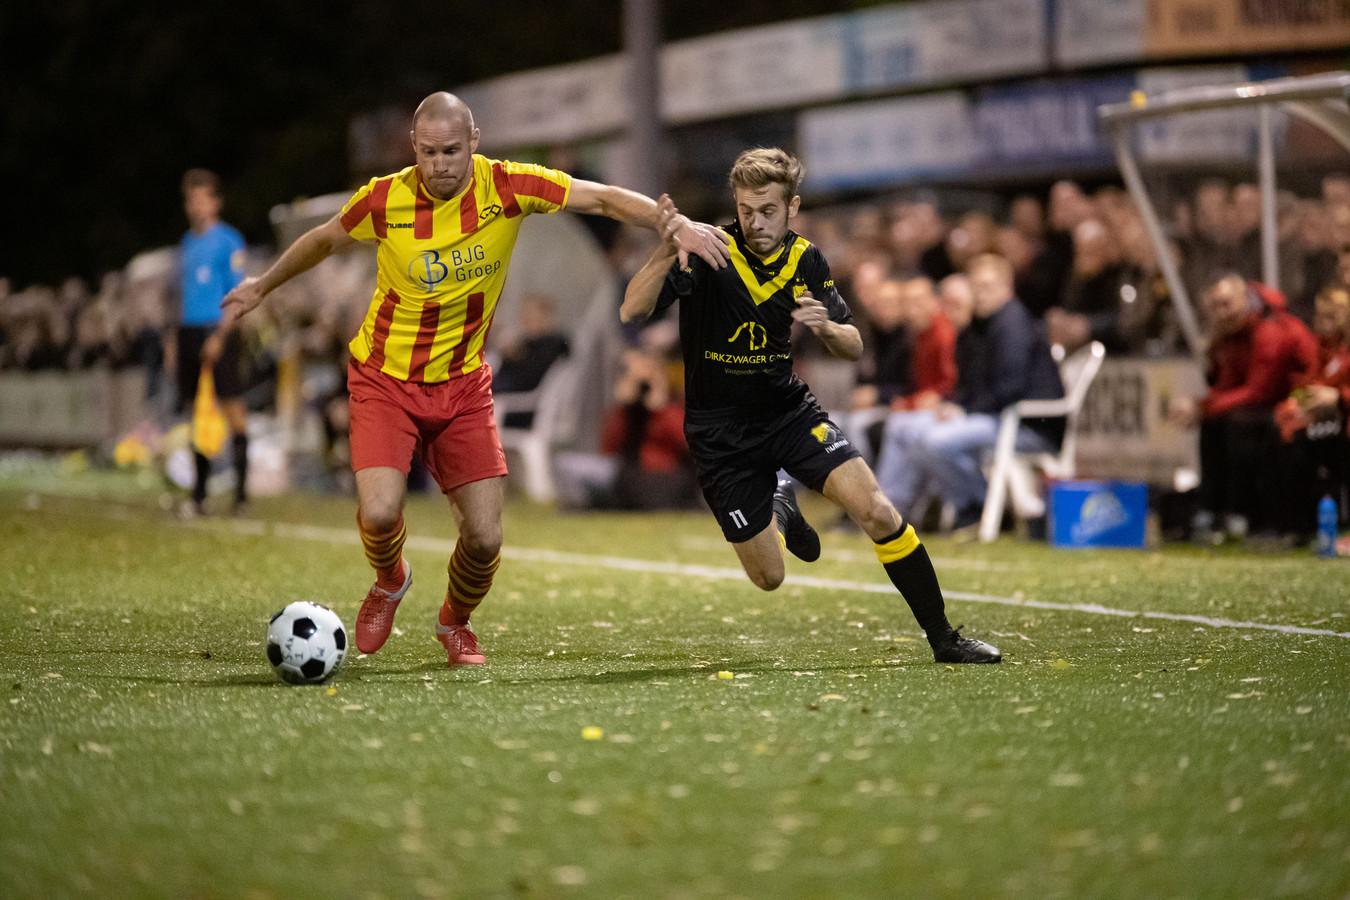 Frank Jansen in actie voor DOS Kampen in de derby met Go Ahead Kampen. Jansen speelt volgend seizoen bij SVI in Zwolle.